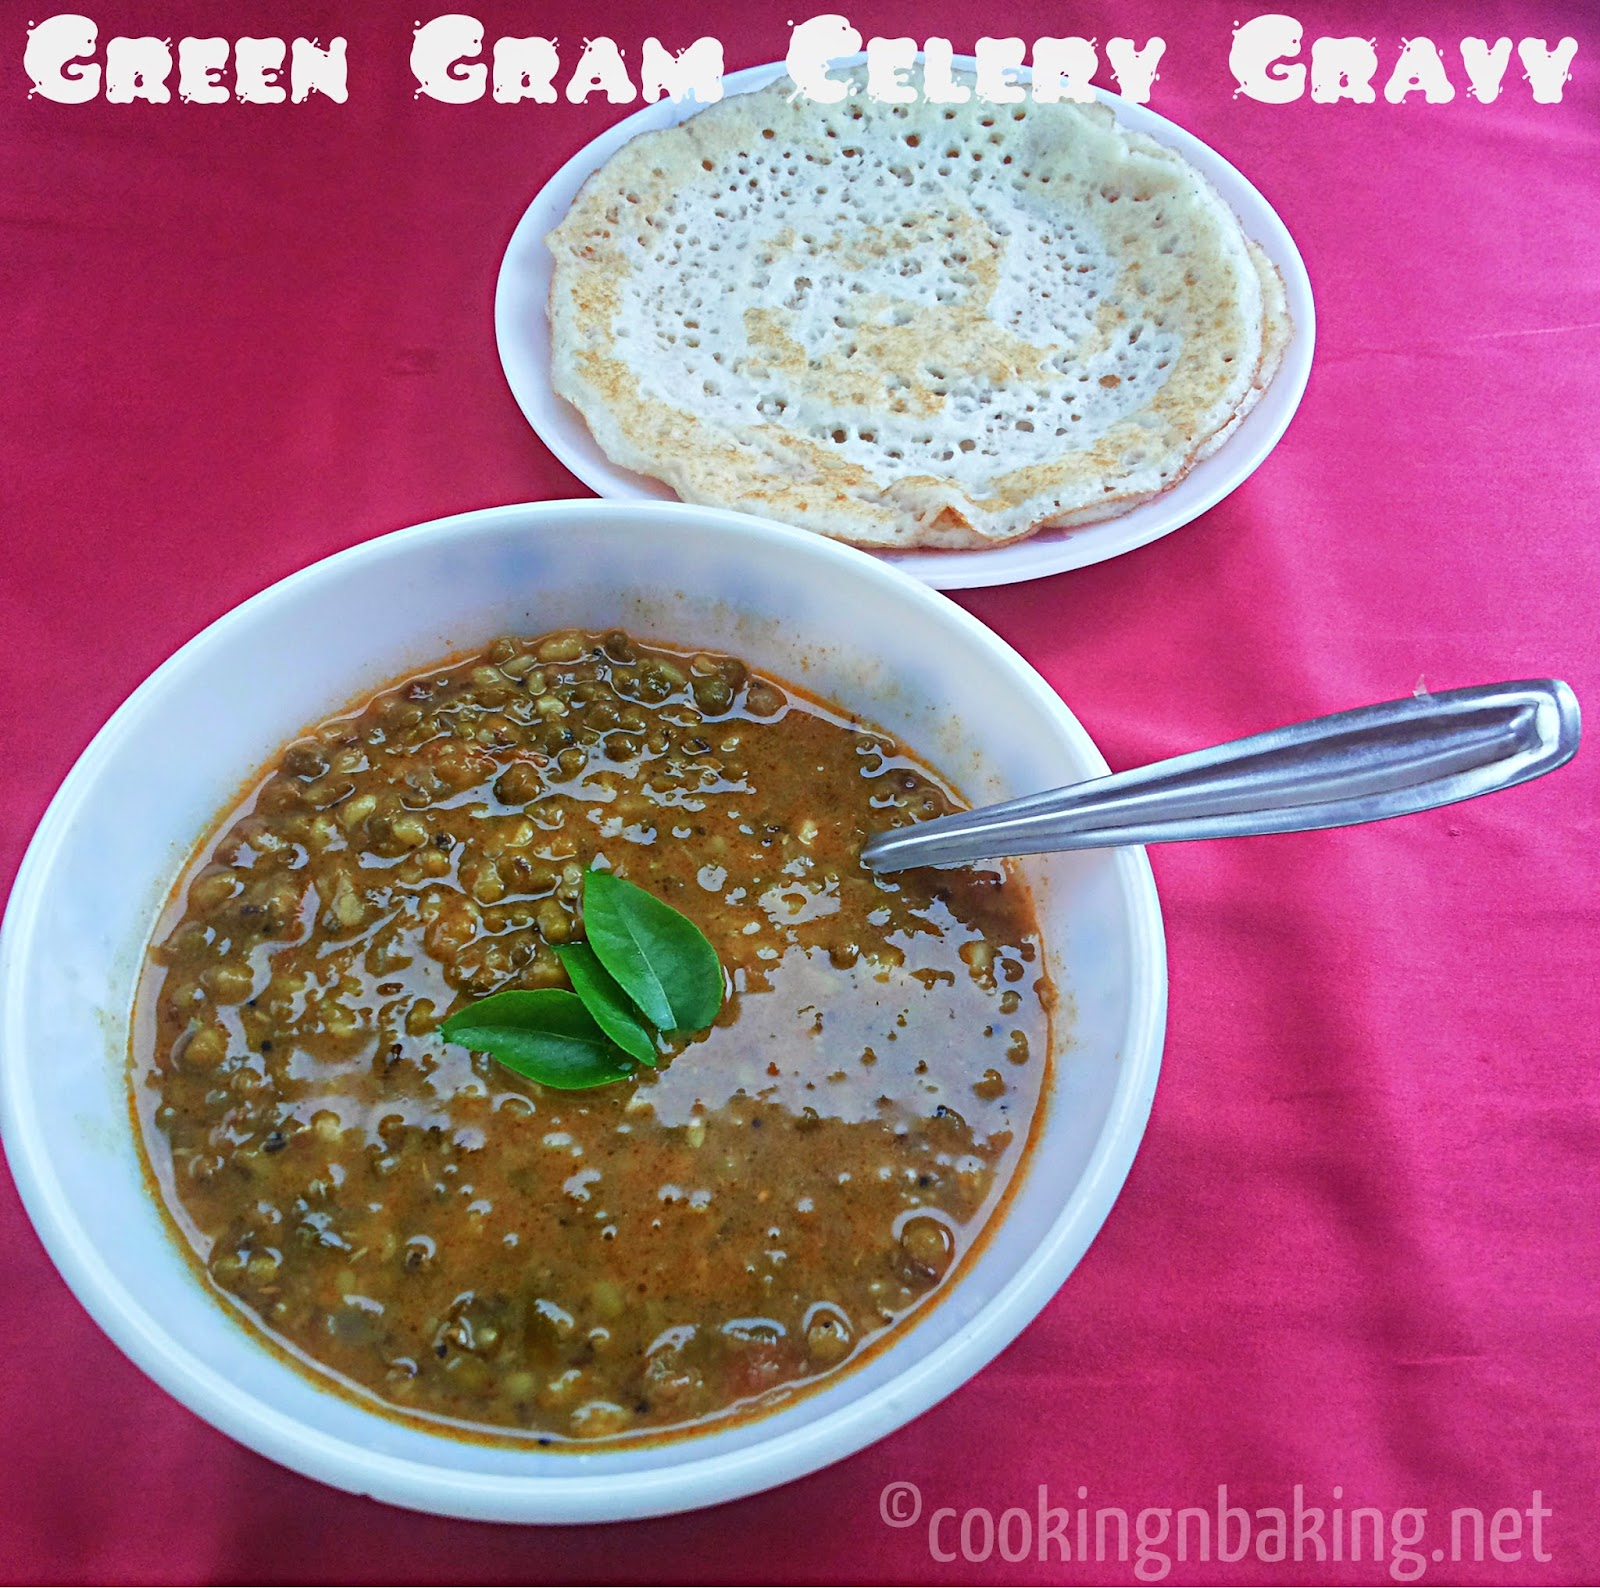 Green Gram Celery Gravy